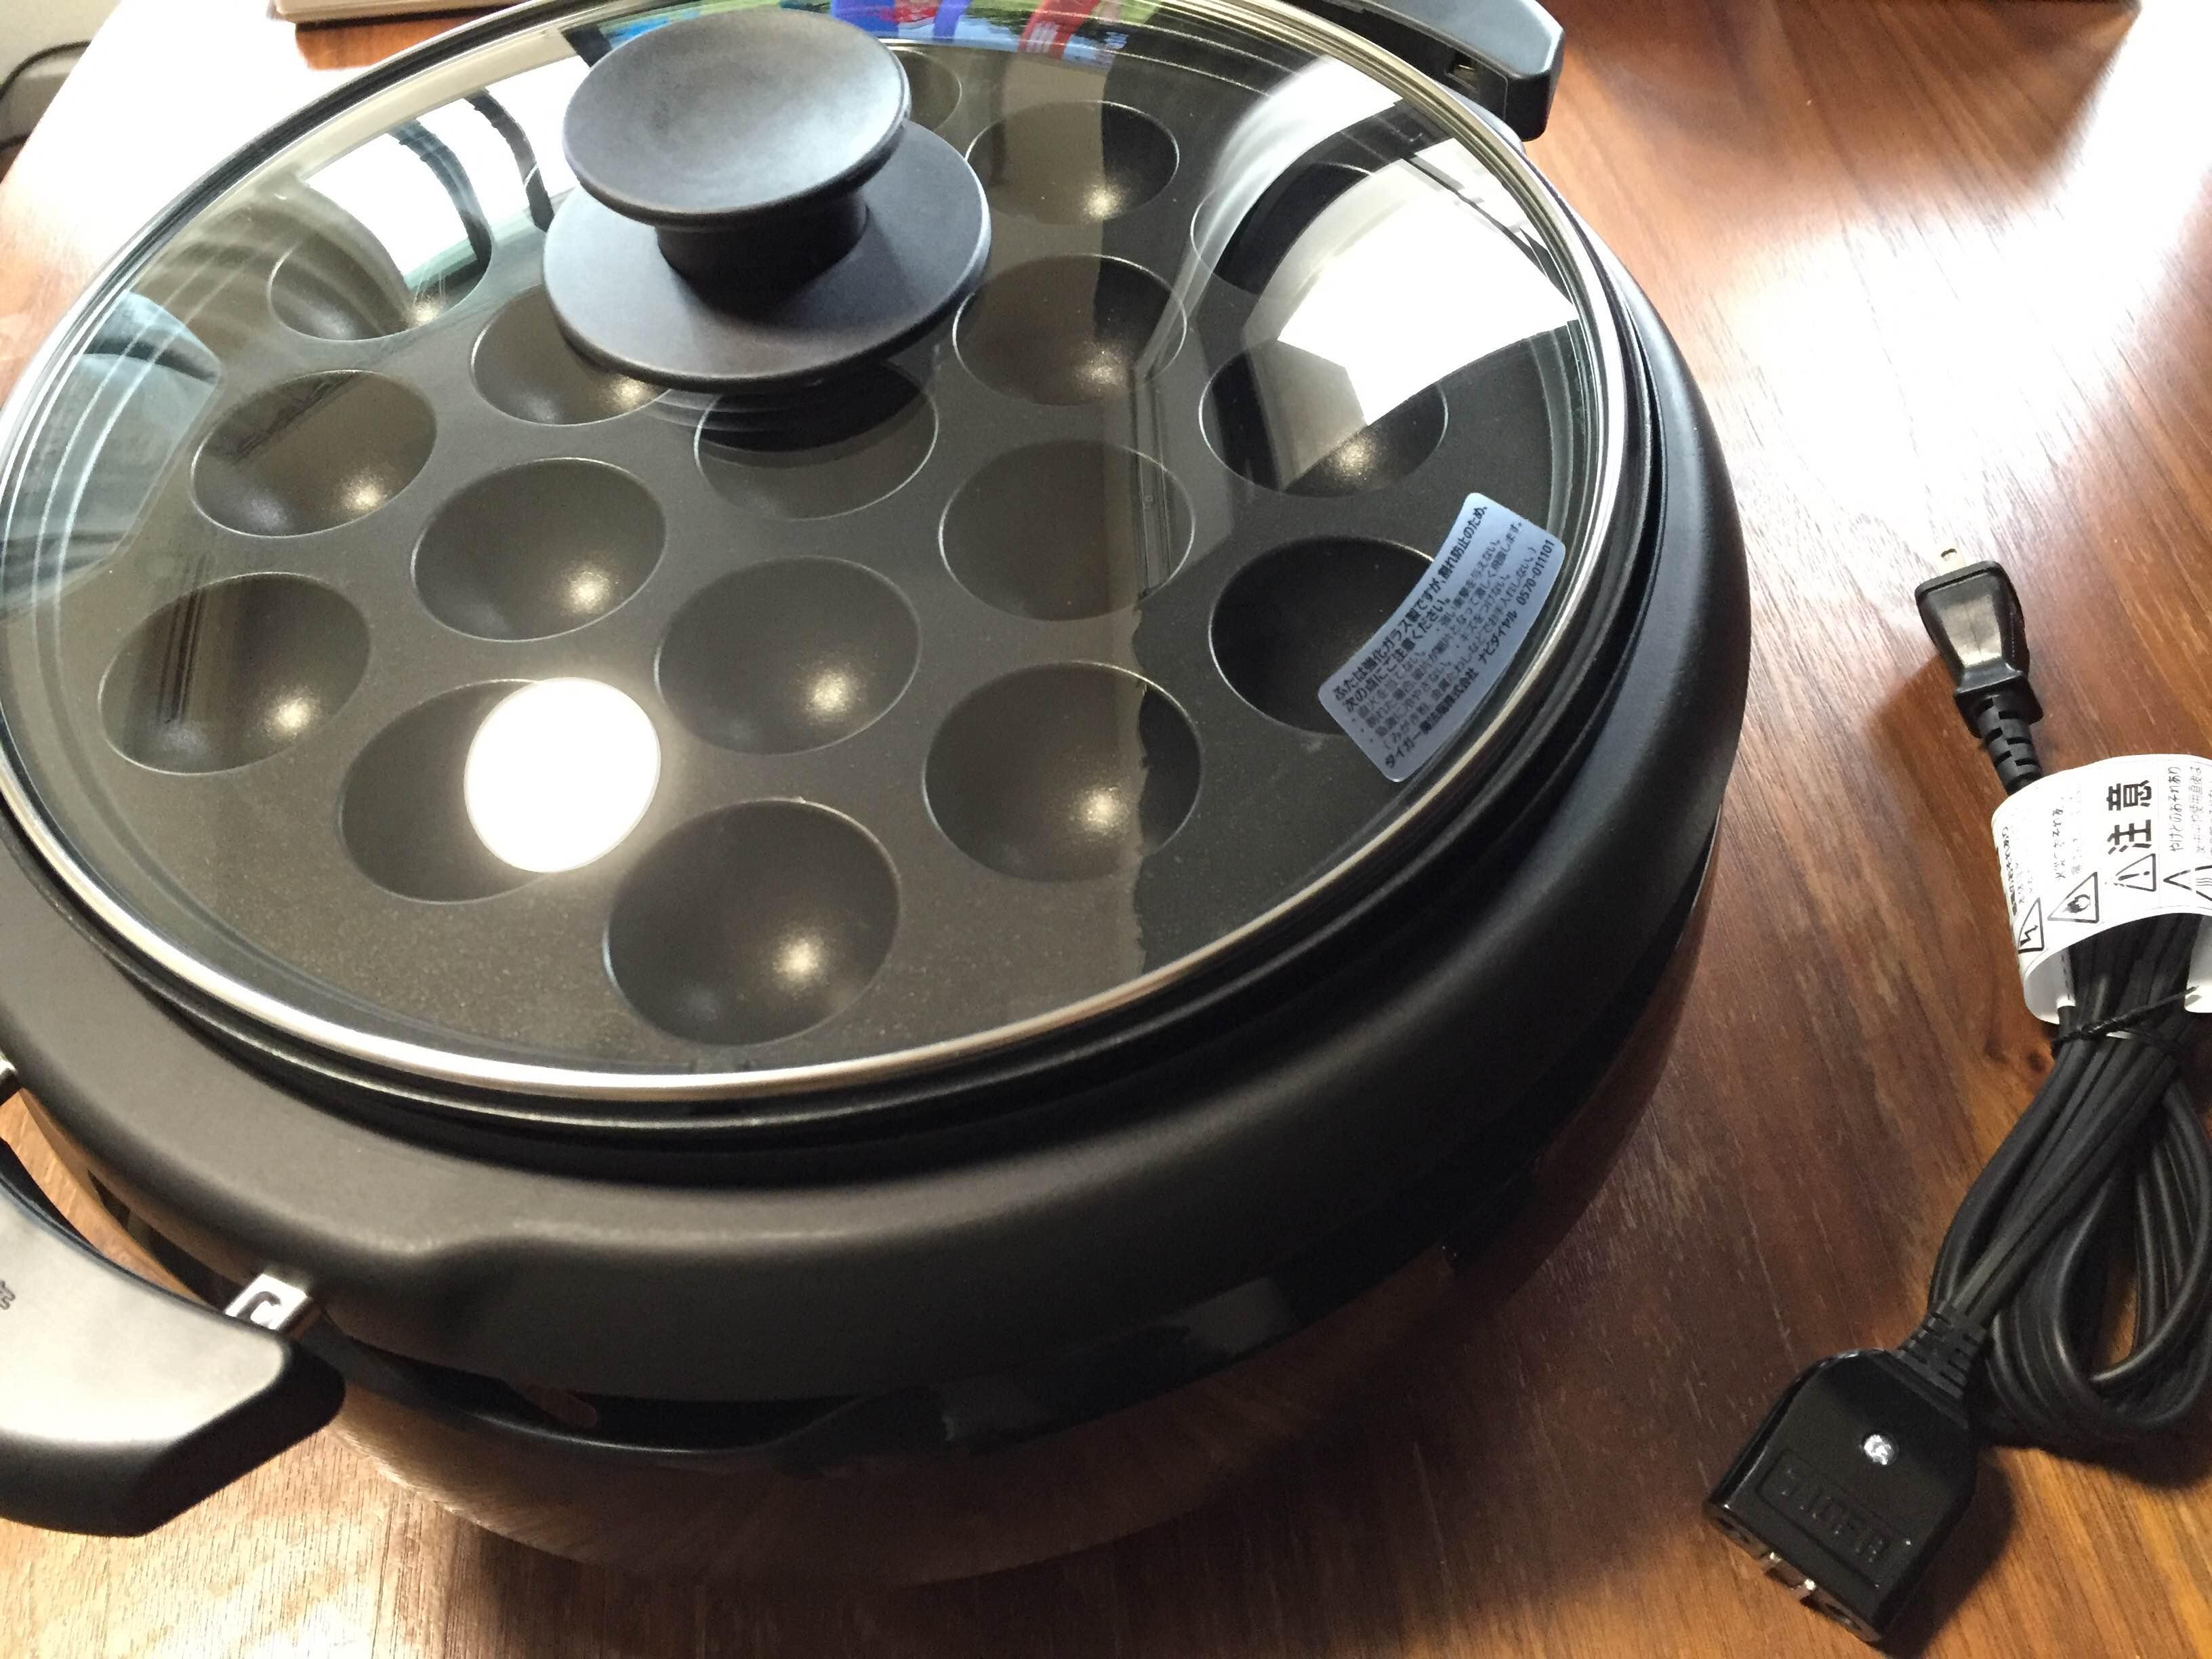 タイガー グリル鍋 3.7L プレート 3枚 タイプ